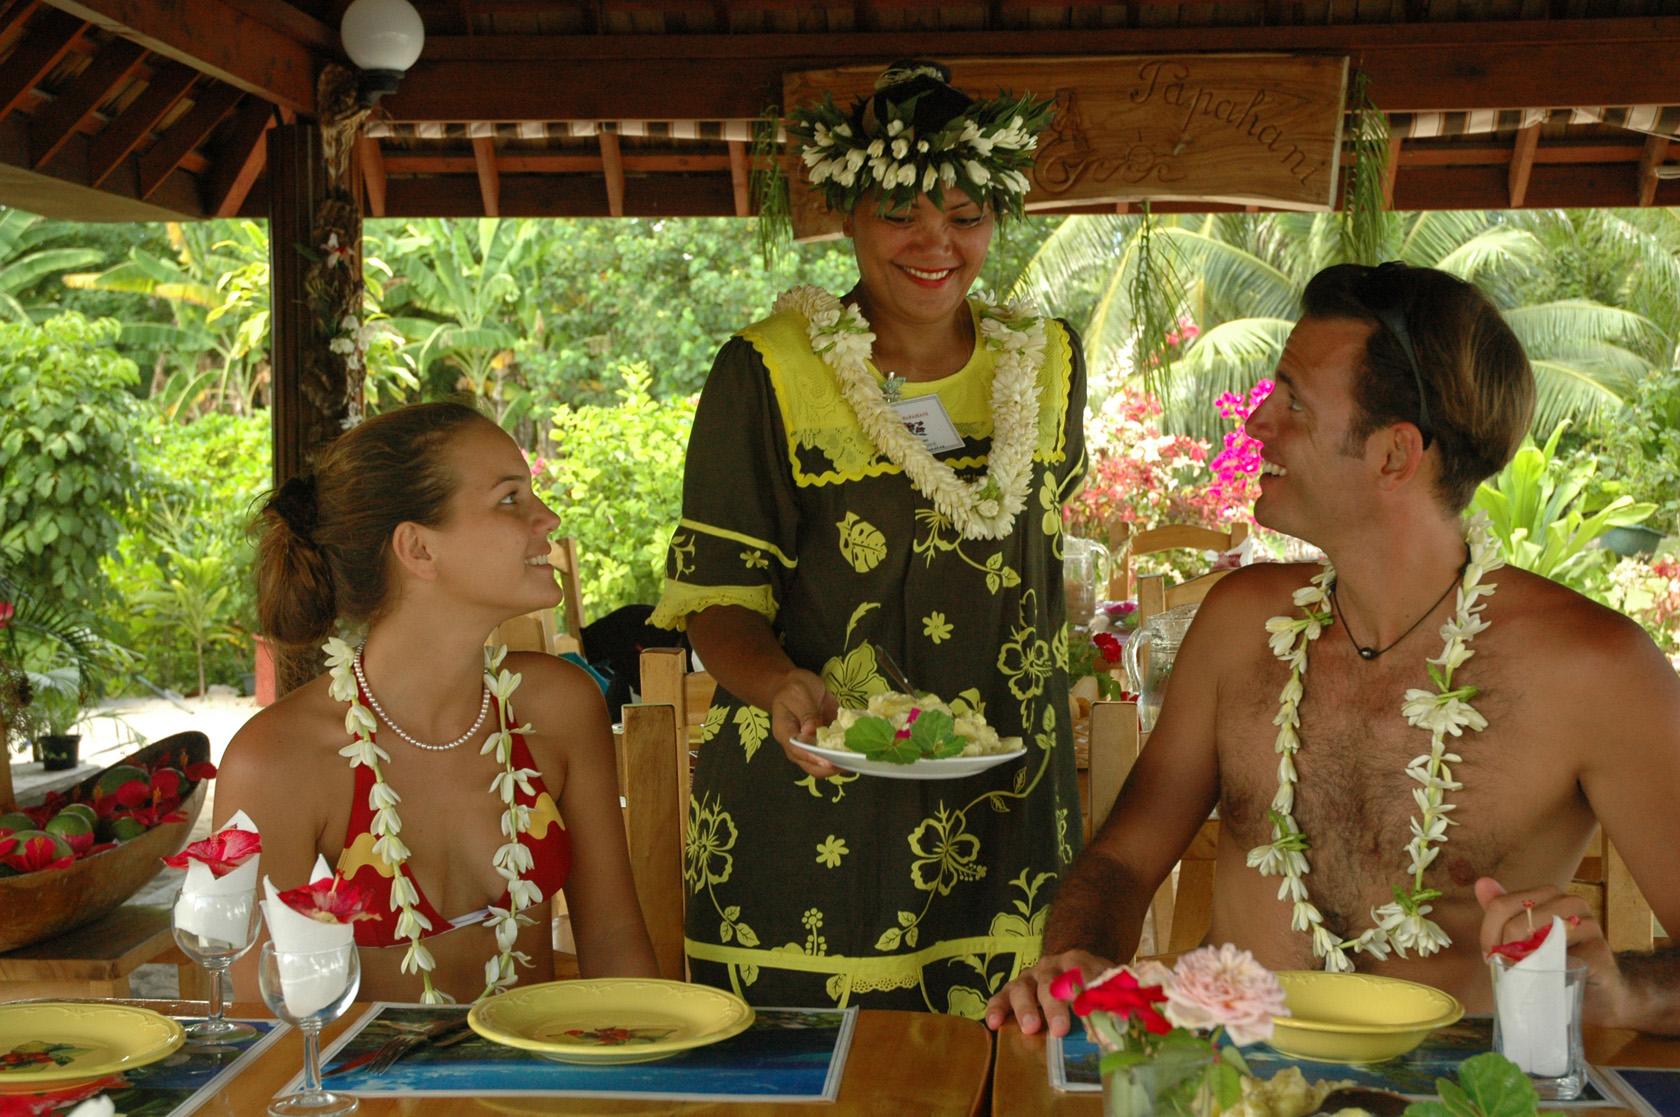 Viaggio di nozze in Polinesia tra Moorea, Bora Bora e Taha'a - Go Australia